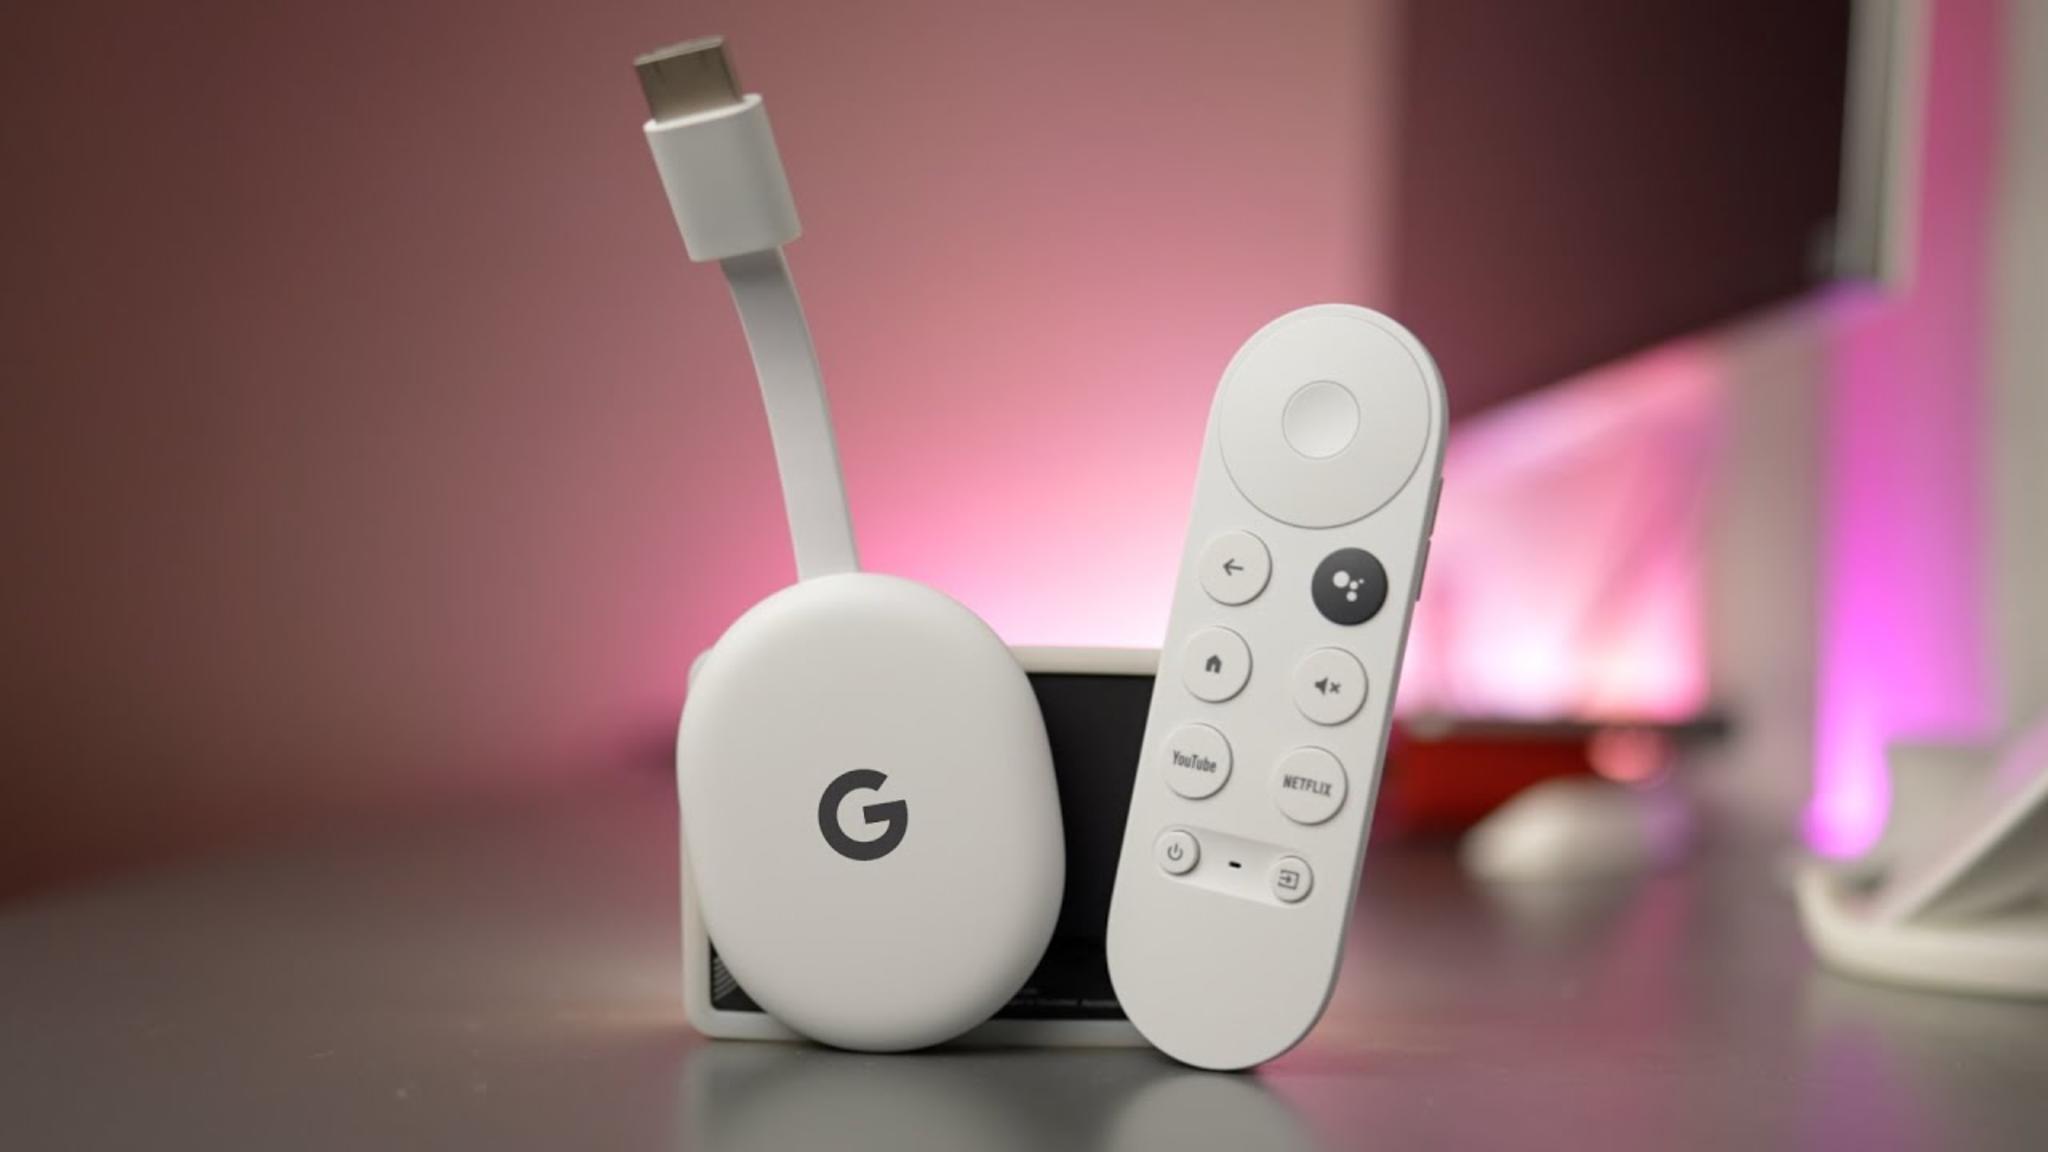 Wir verraten, wie Du Deinen Chromecast mit einem neuen WLAN-Netzwerk verbindest.